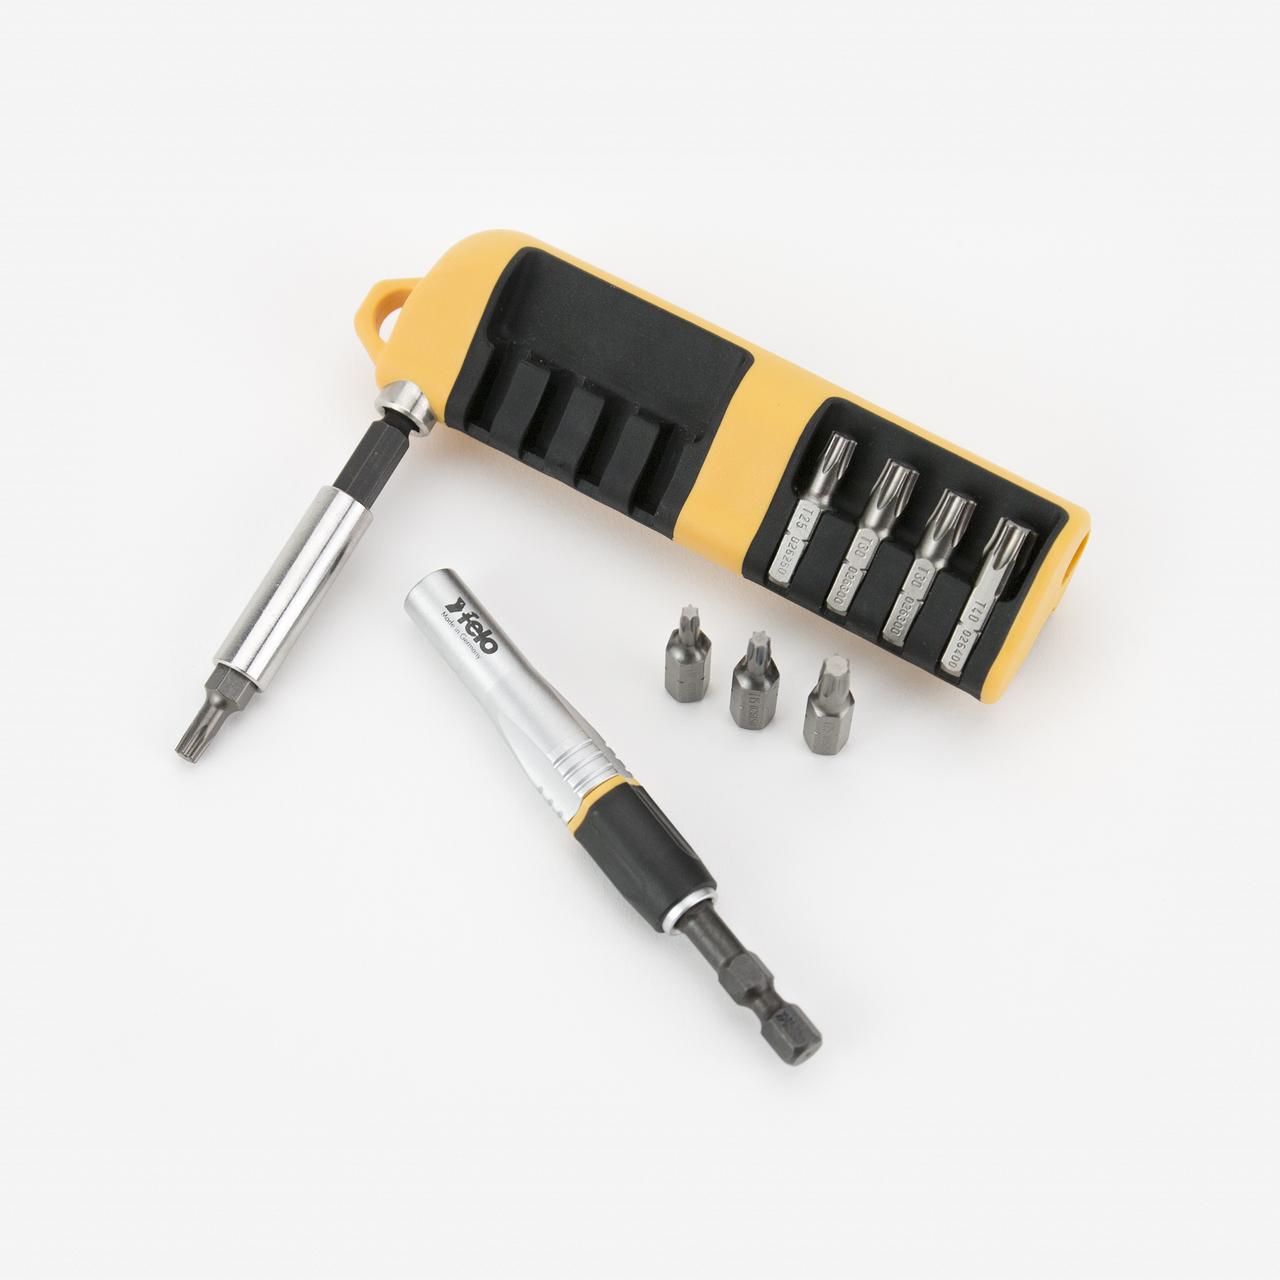 Felo 63429 Impact 8 Piece Torx Insert Bit Set - KC Tool